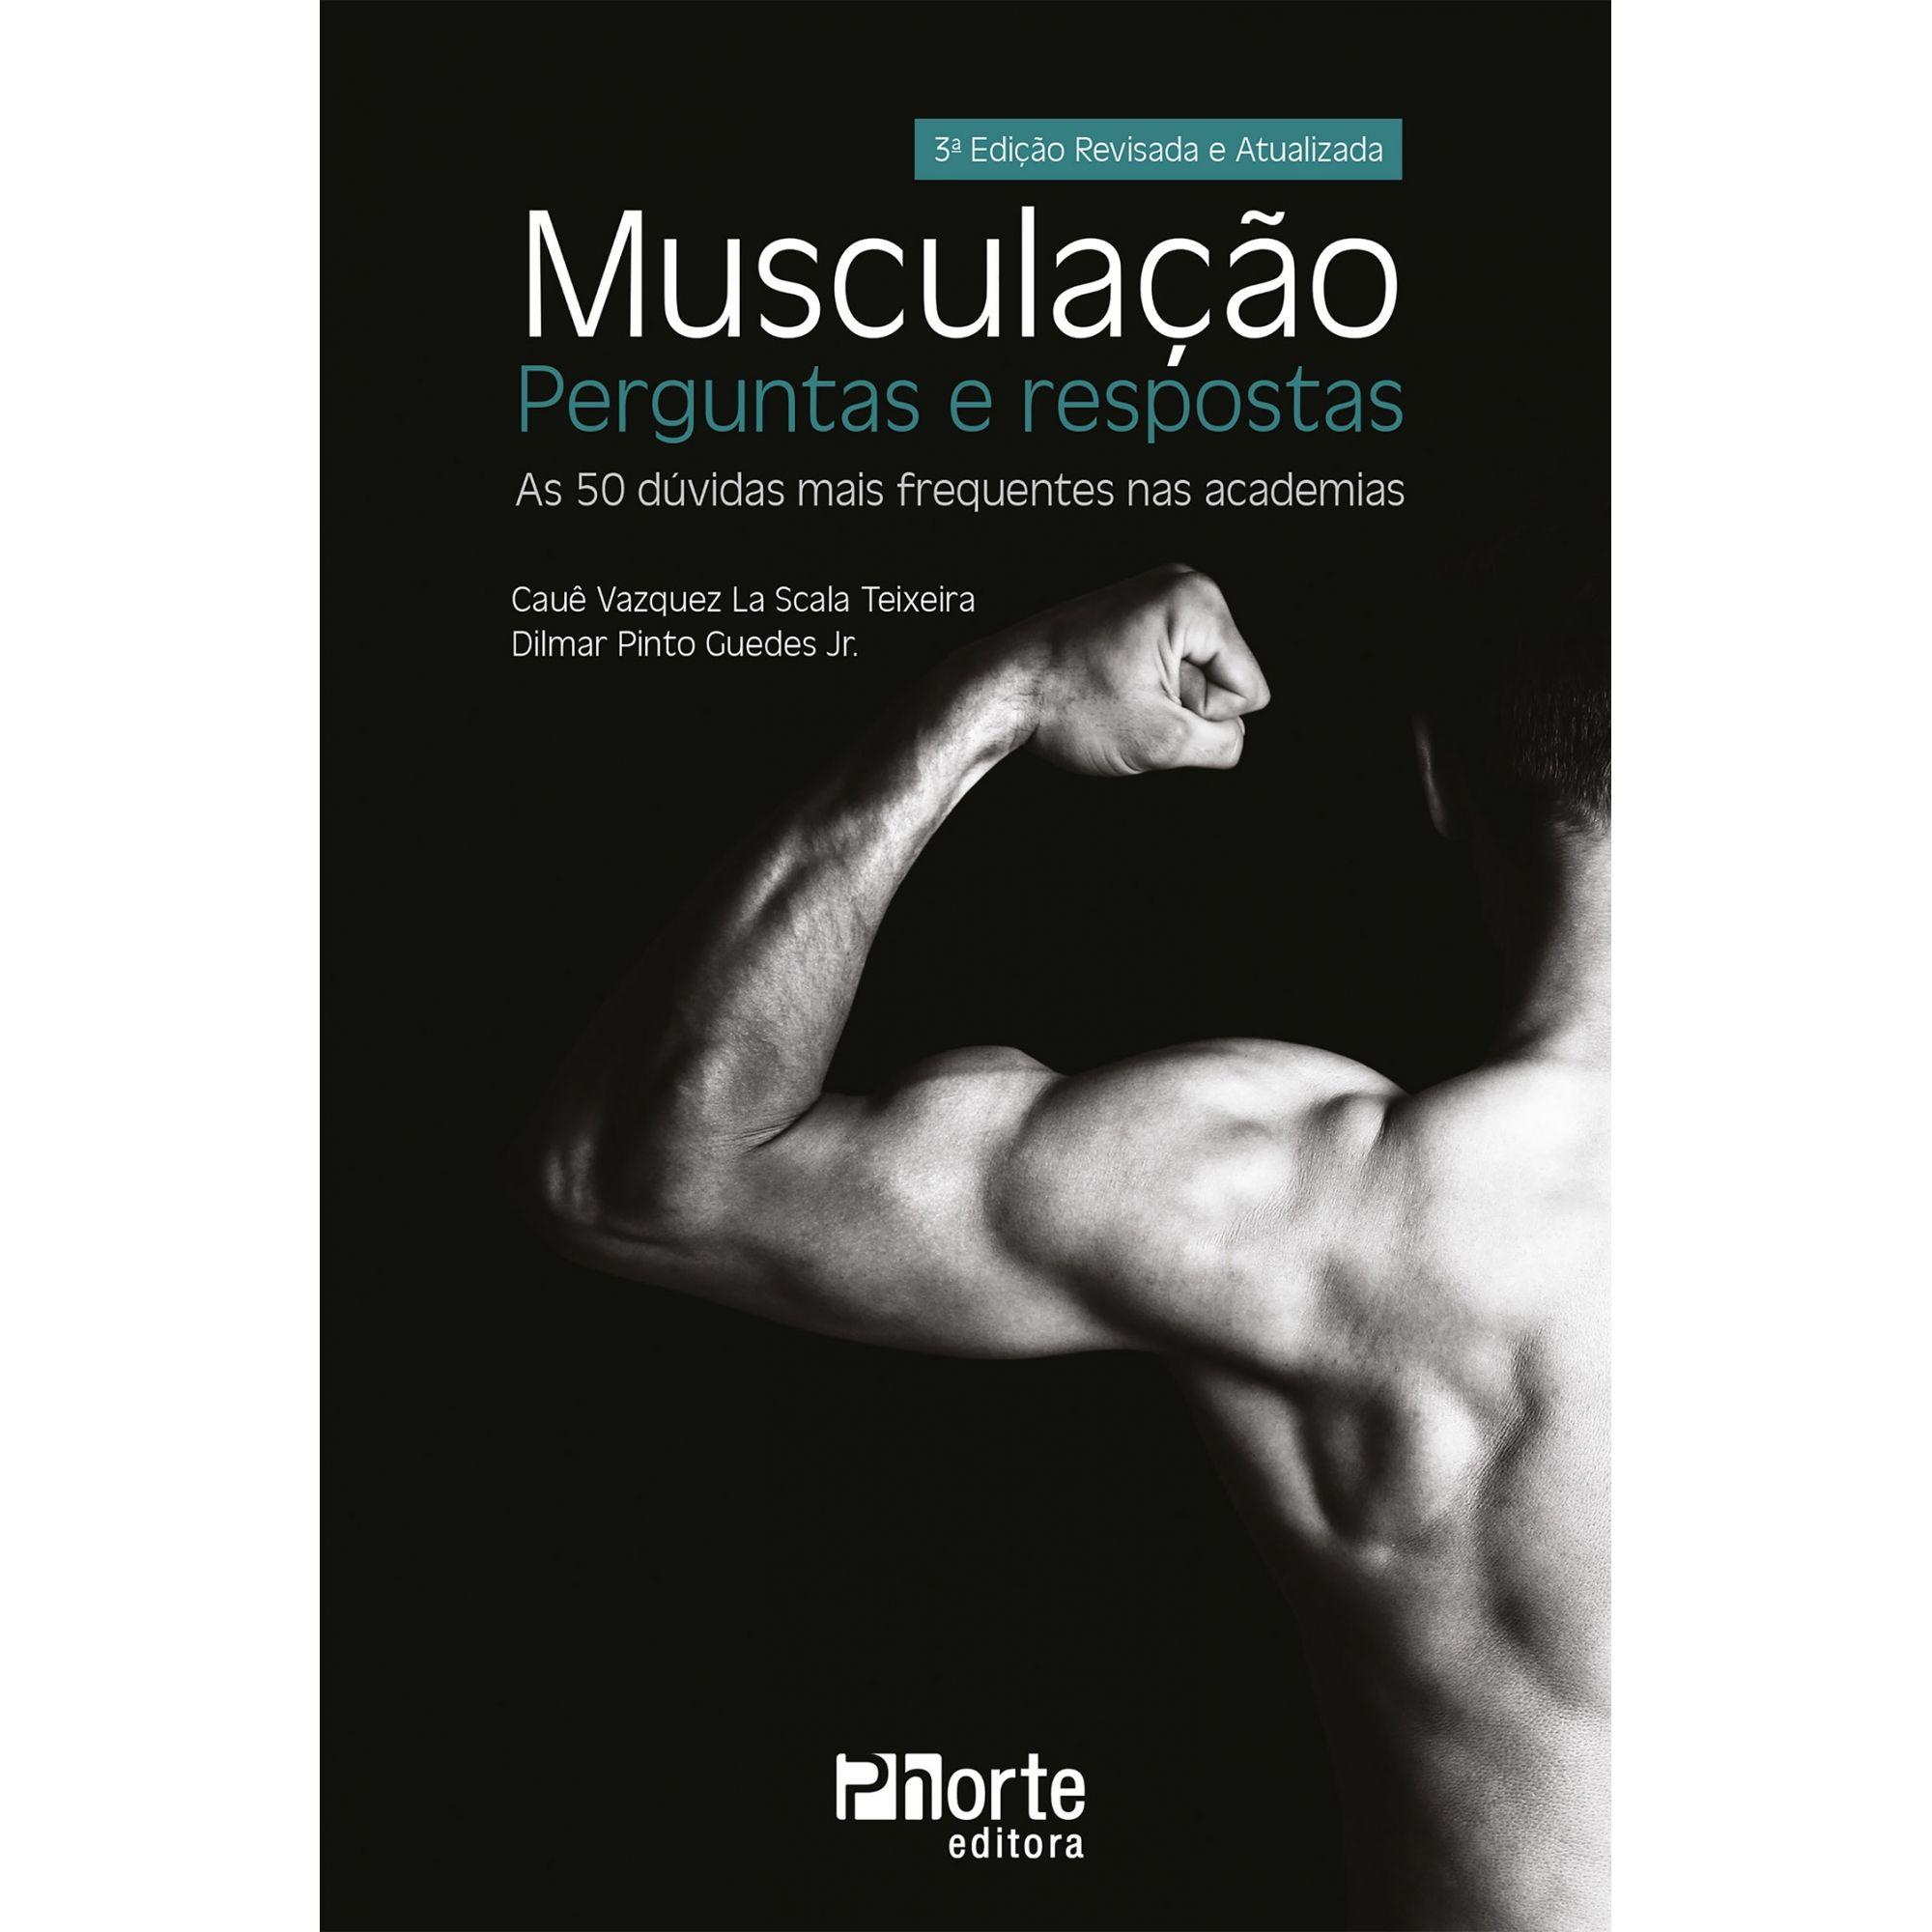 Musculação: perguntas e respostas - 3ª edição (Cauê Vazquez La Scala Teixeira, Dilmar Pinto Guedes Jr)  - Phorte Editora